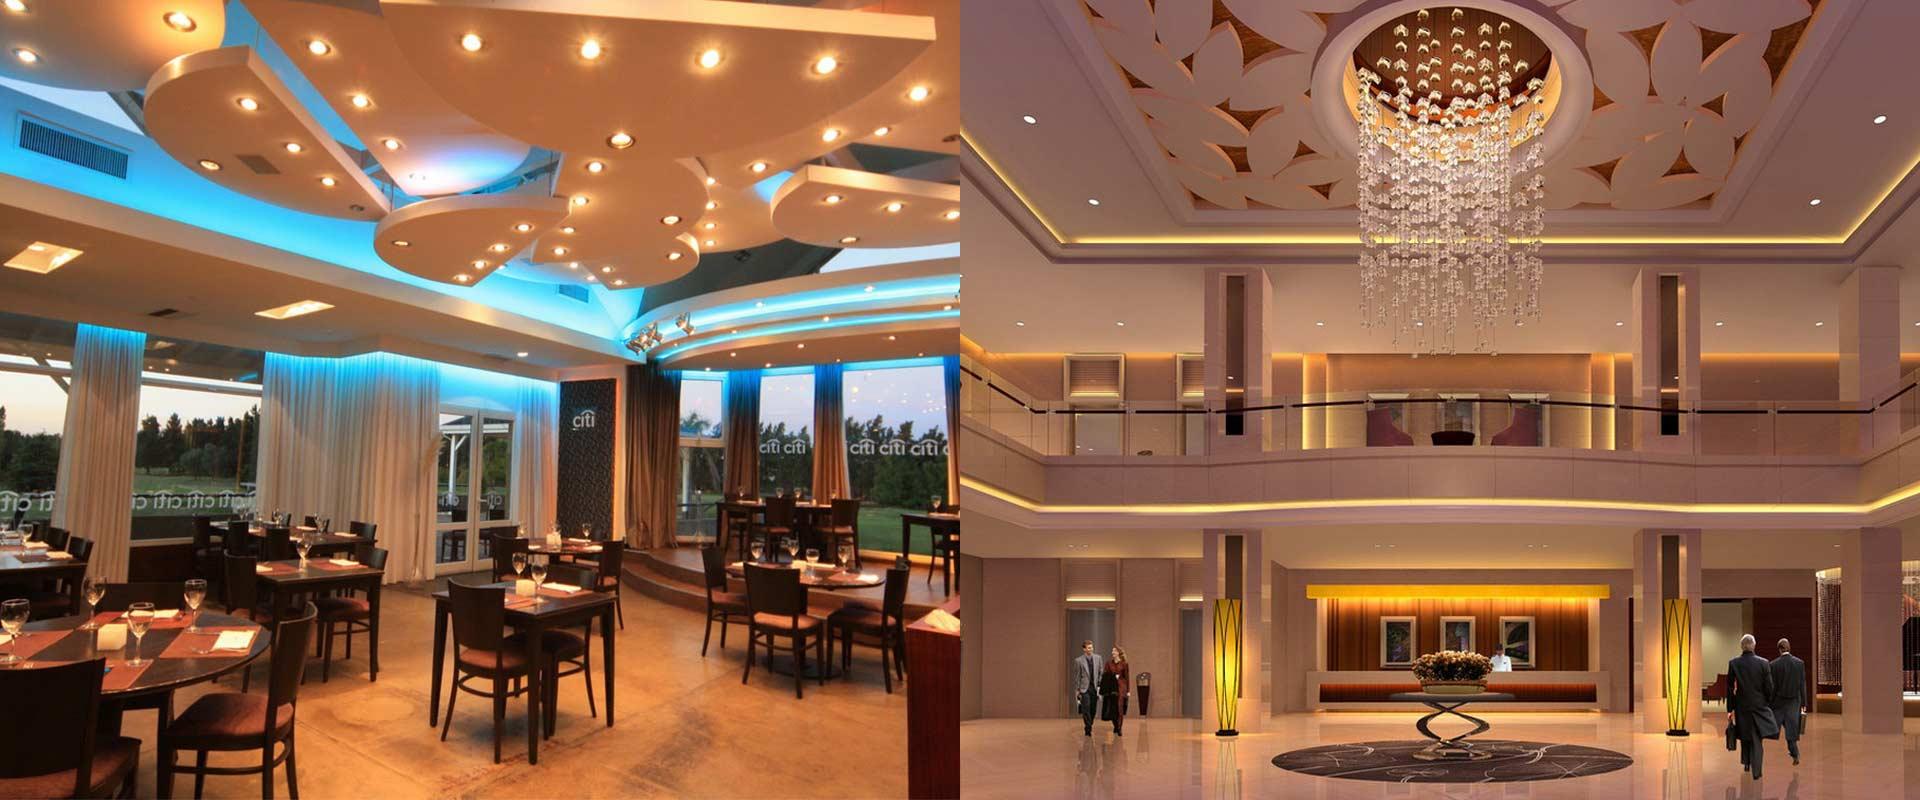 restaurant interior design 1 - آموزش نورپردازی رستوران و هتل